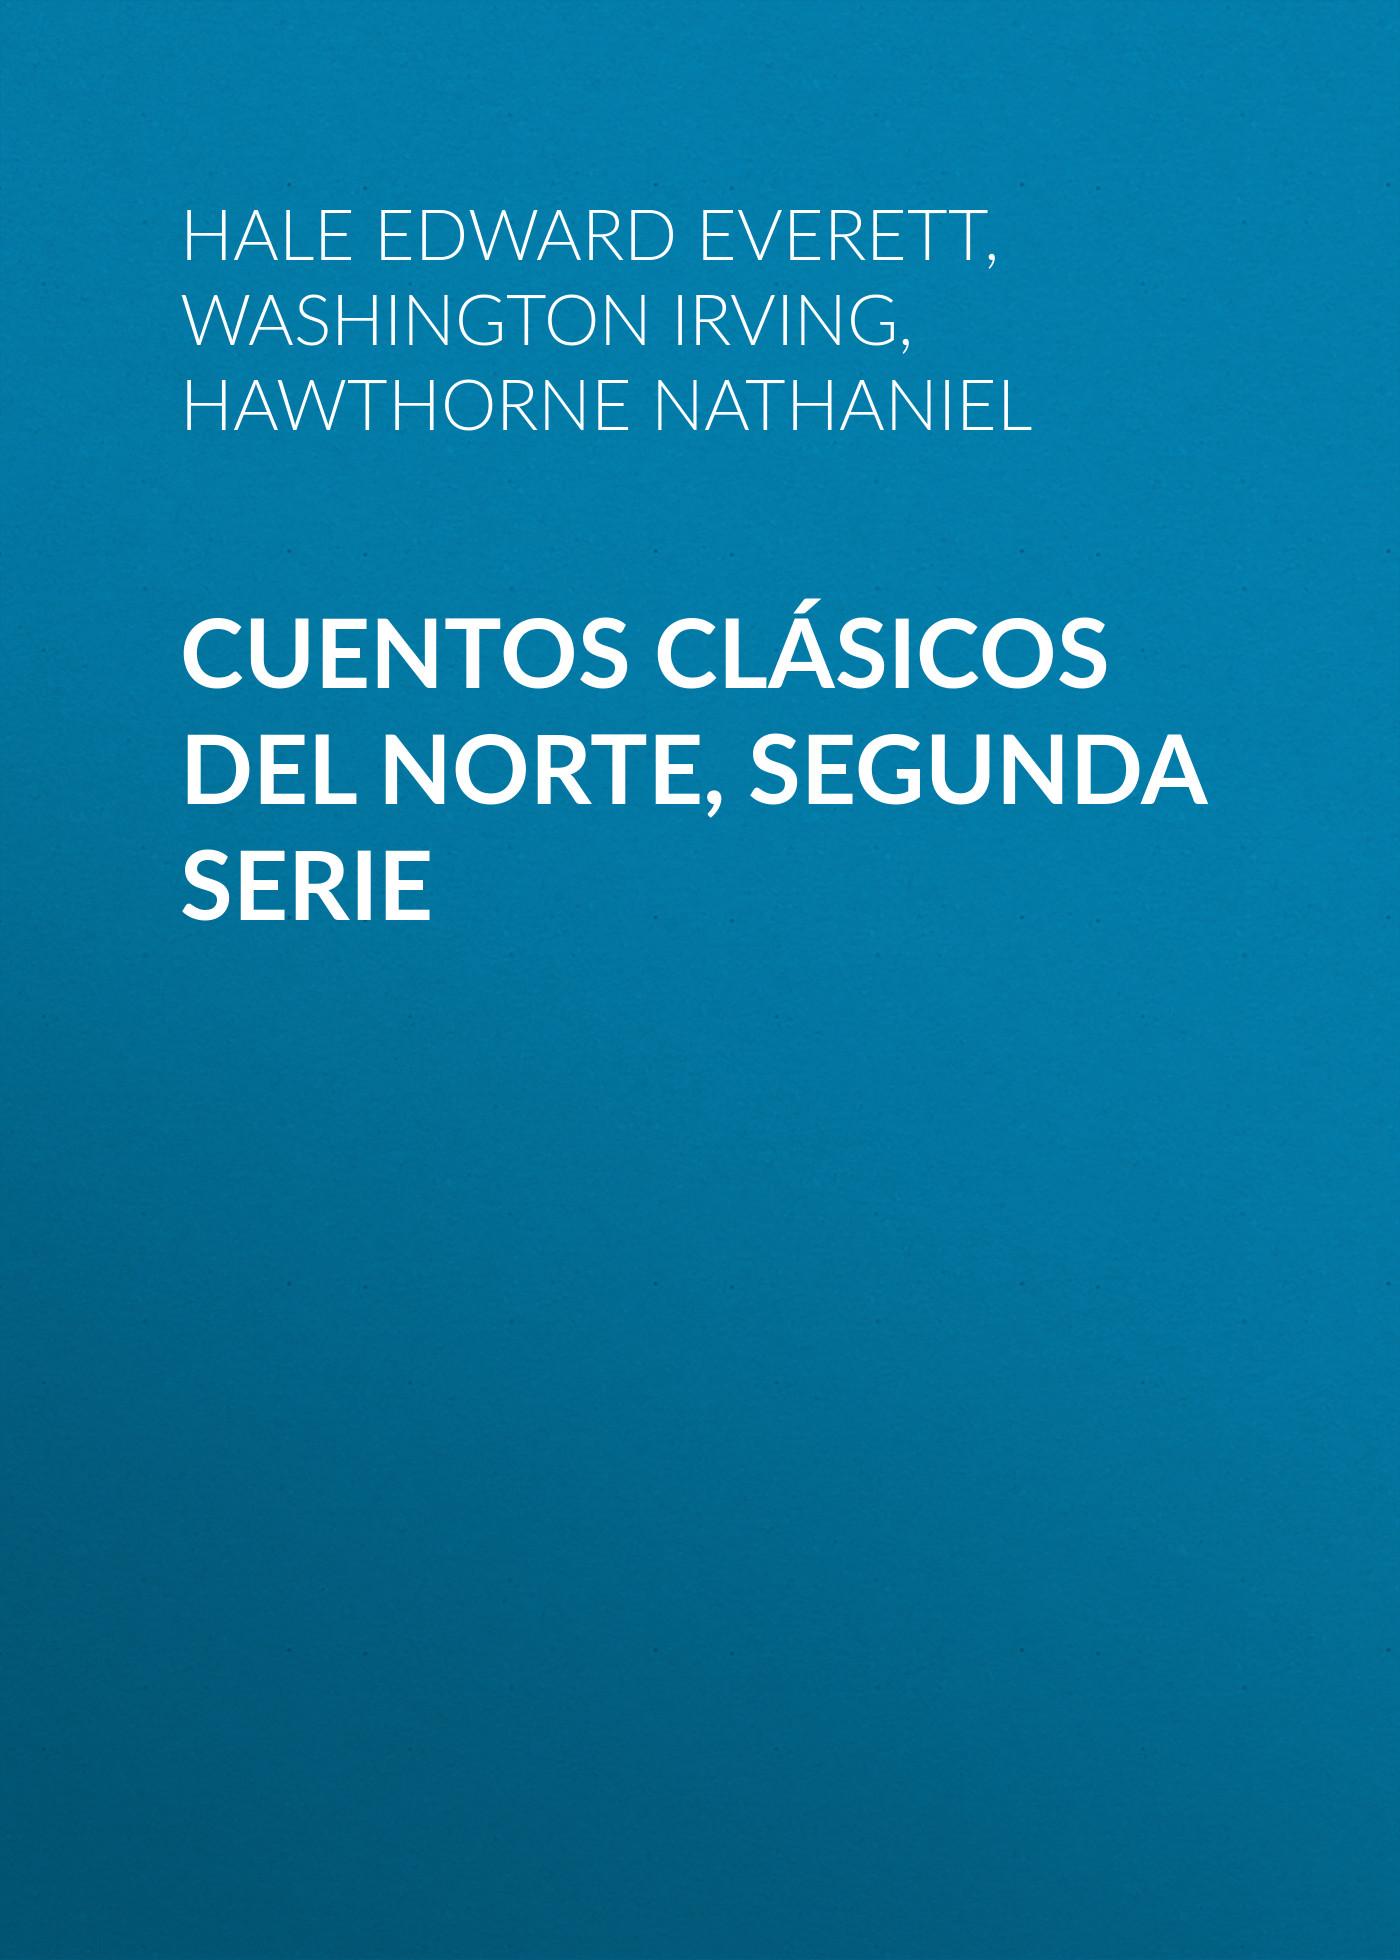 Вашингтон Ирвинг Cuentos Clásicos del Norte, Segunda Serie